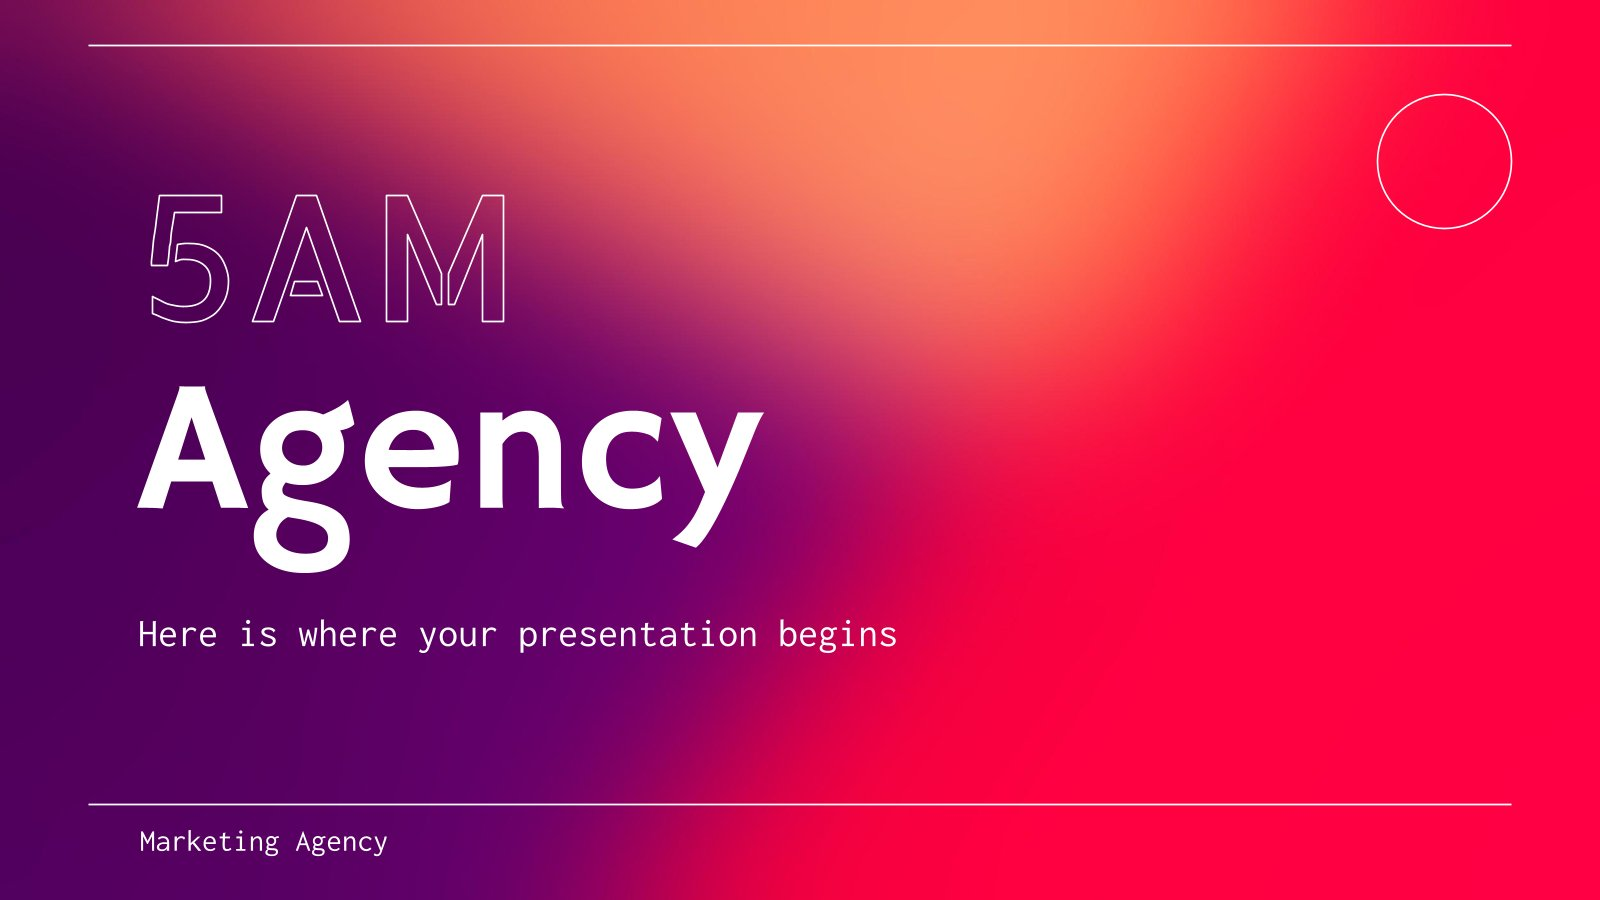 Modelo de apresentação Agência 5AM